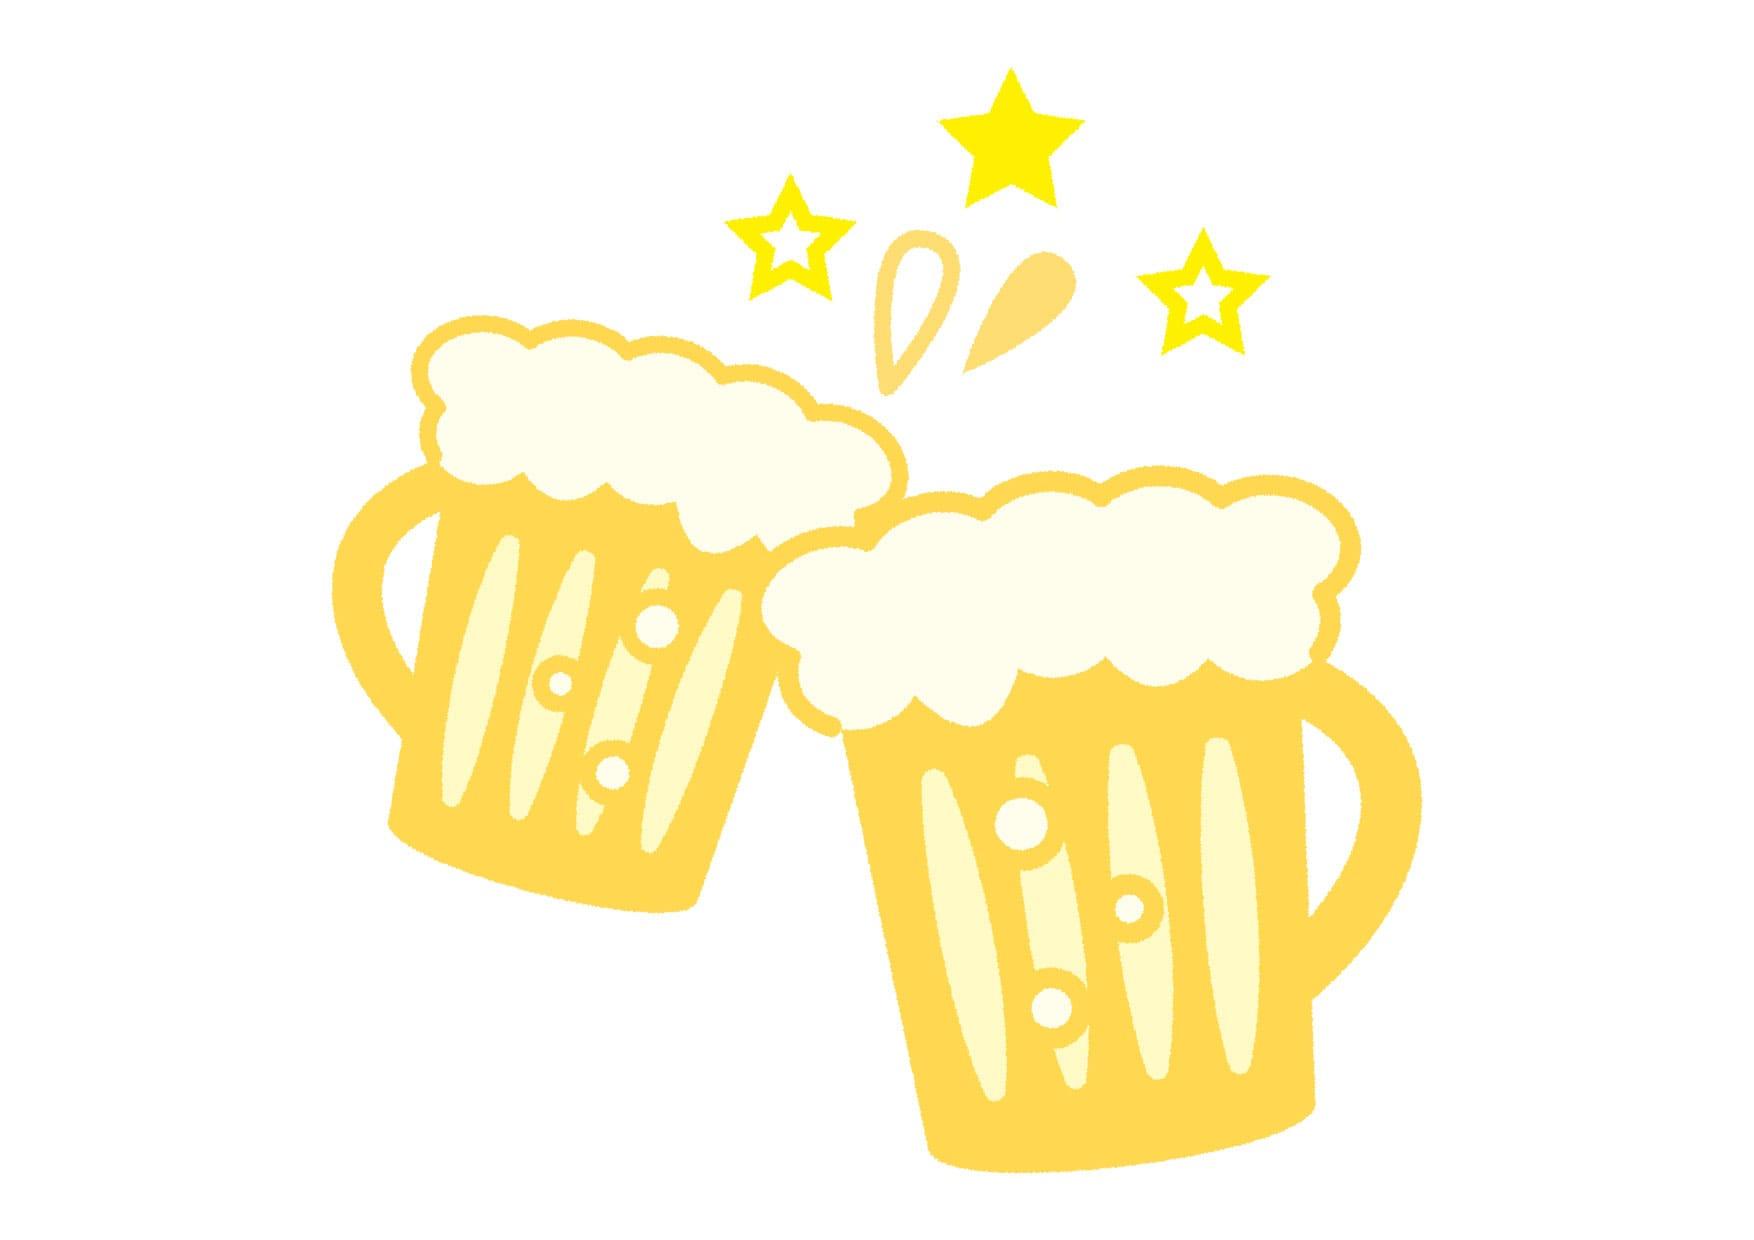 ビール 乾杯 イラスト 無料